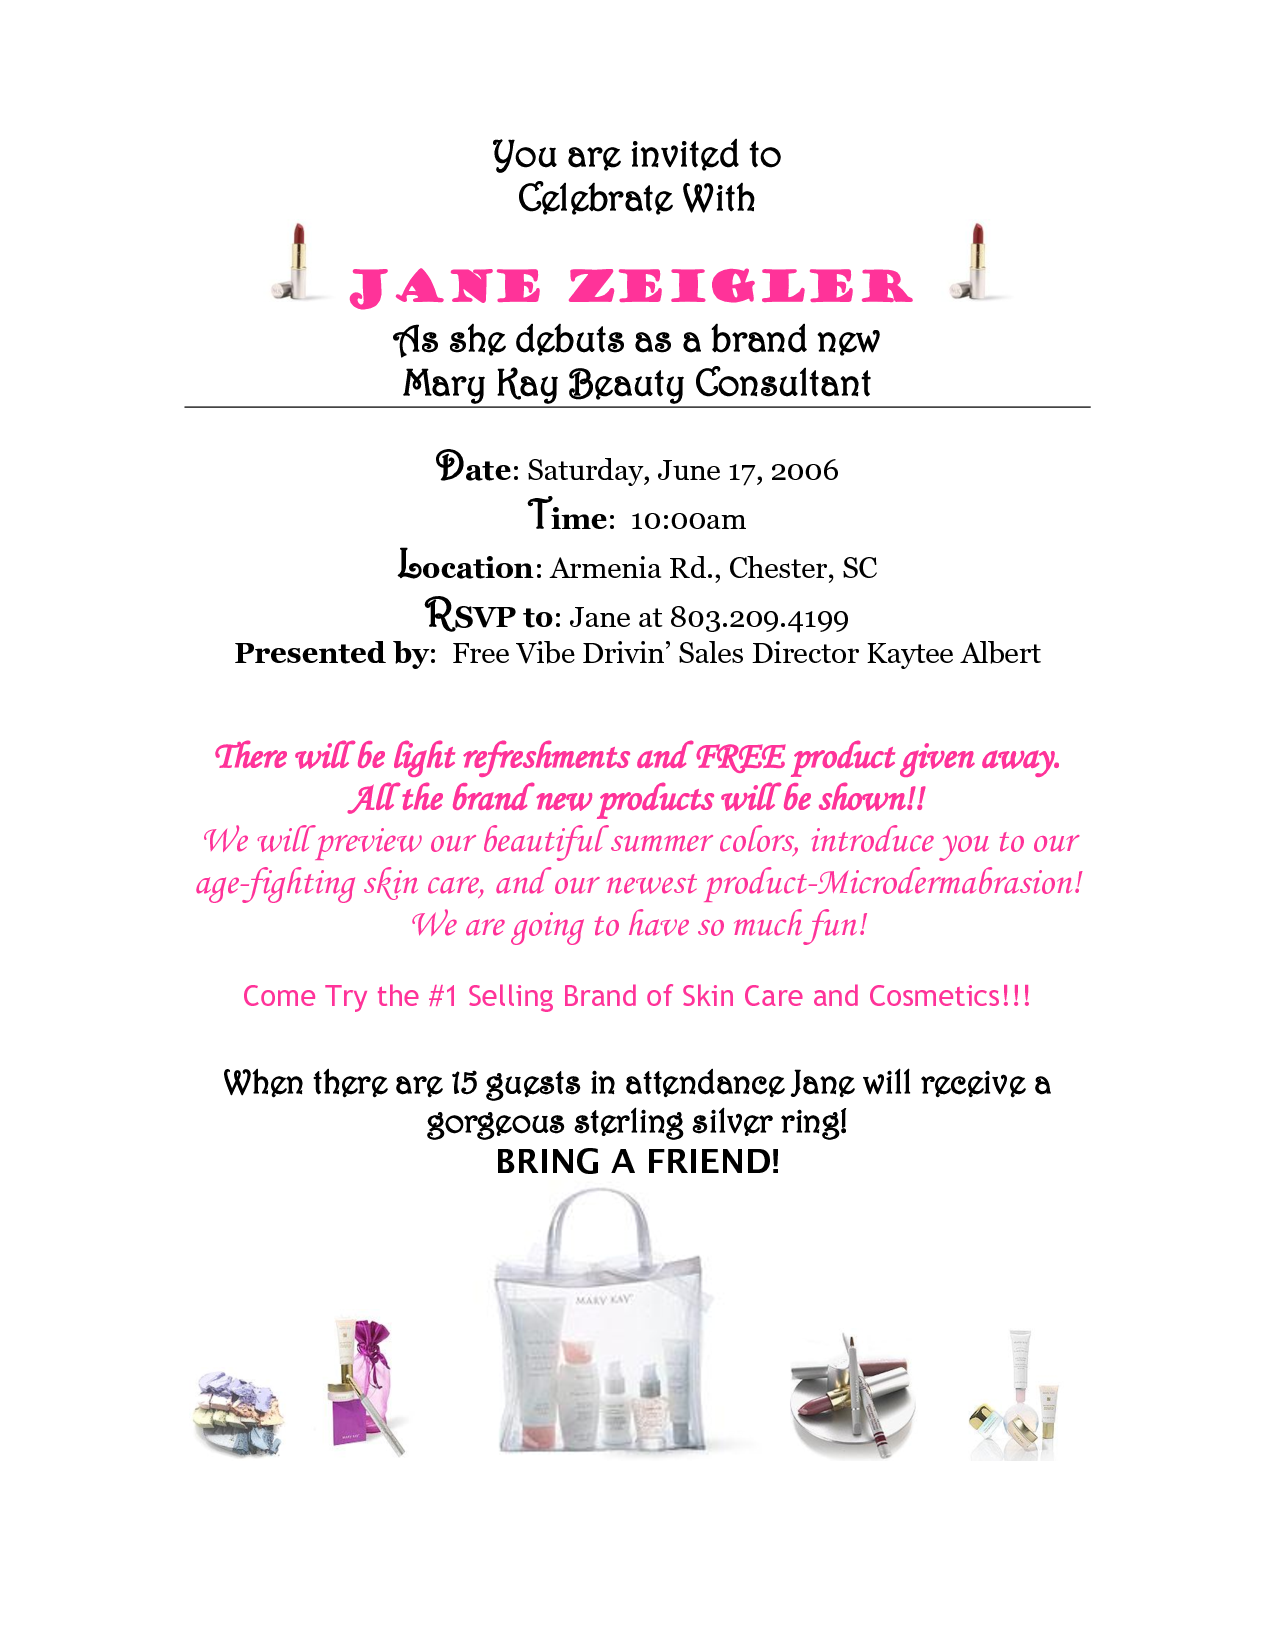 Mary Kay Debut Party Invitations | Mary Kay | Pinterest ...